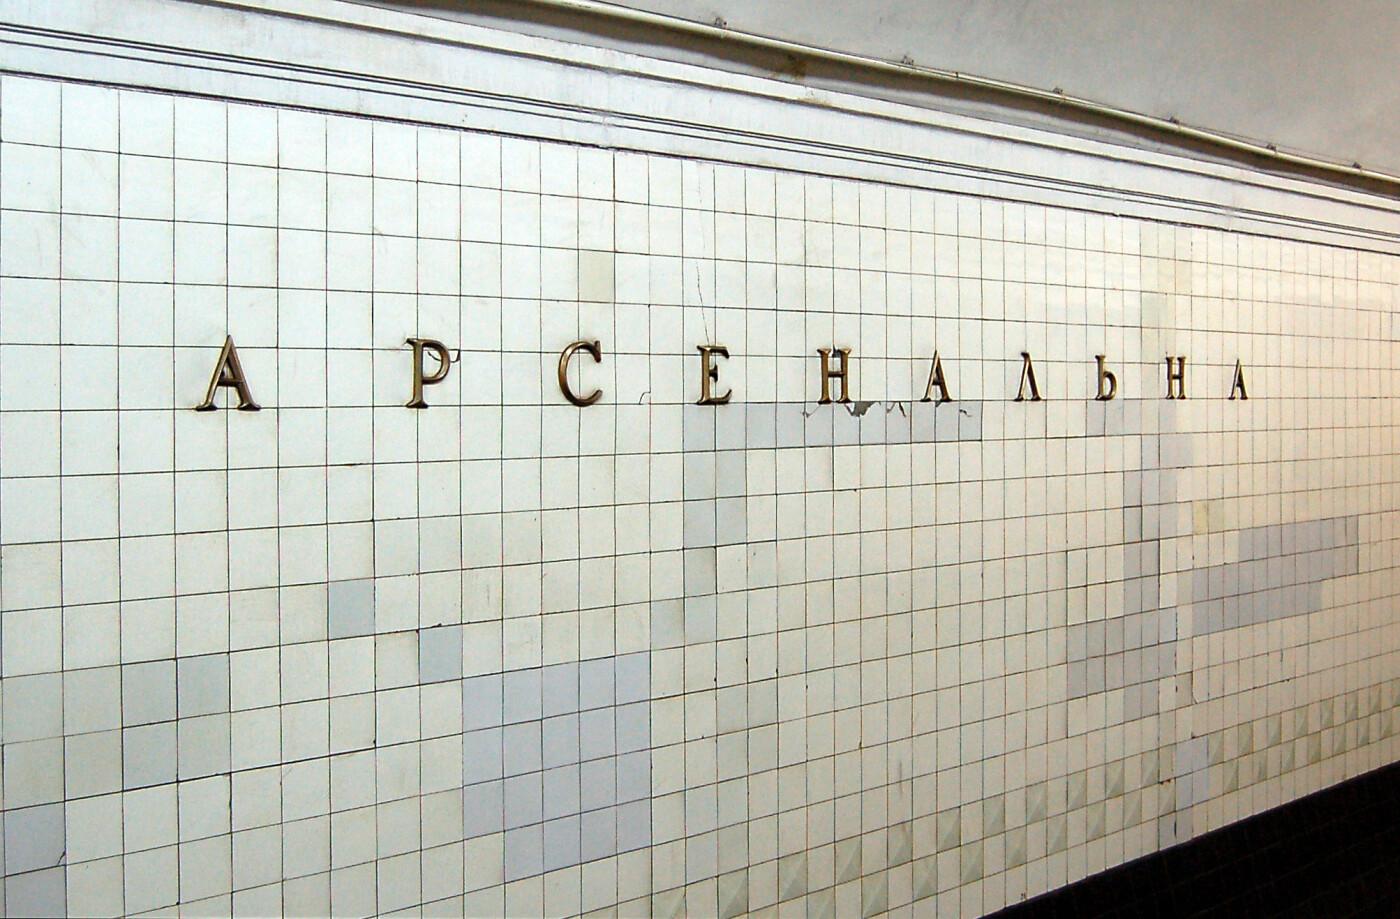 Театральная, Хрещатик, Арсенальная: история станций Киевского метро, - ФОТО, ВИДЕО